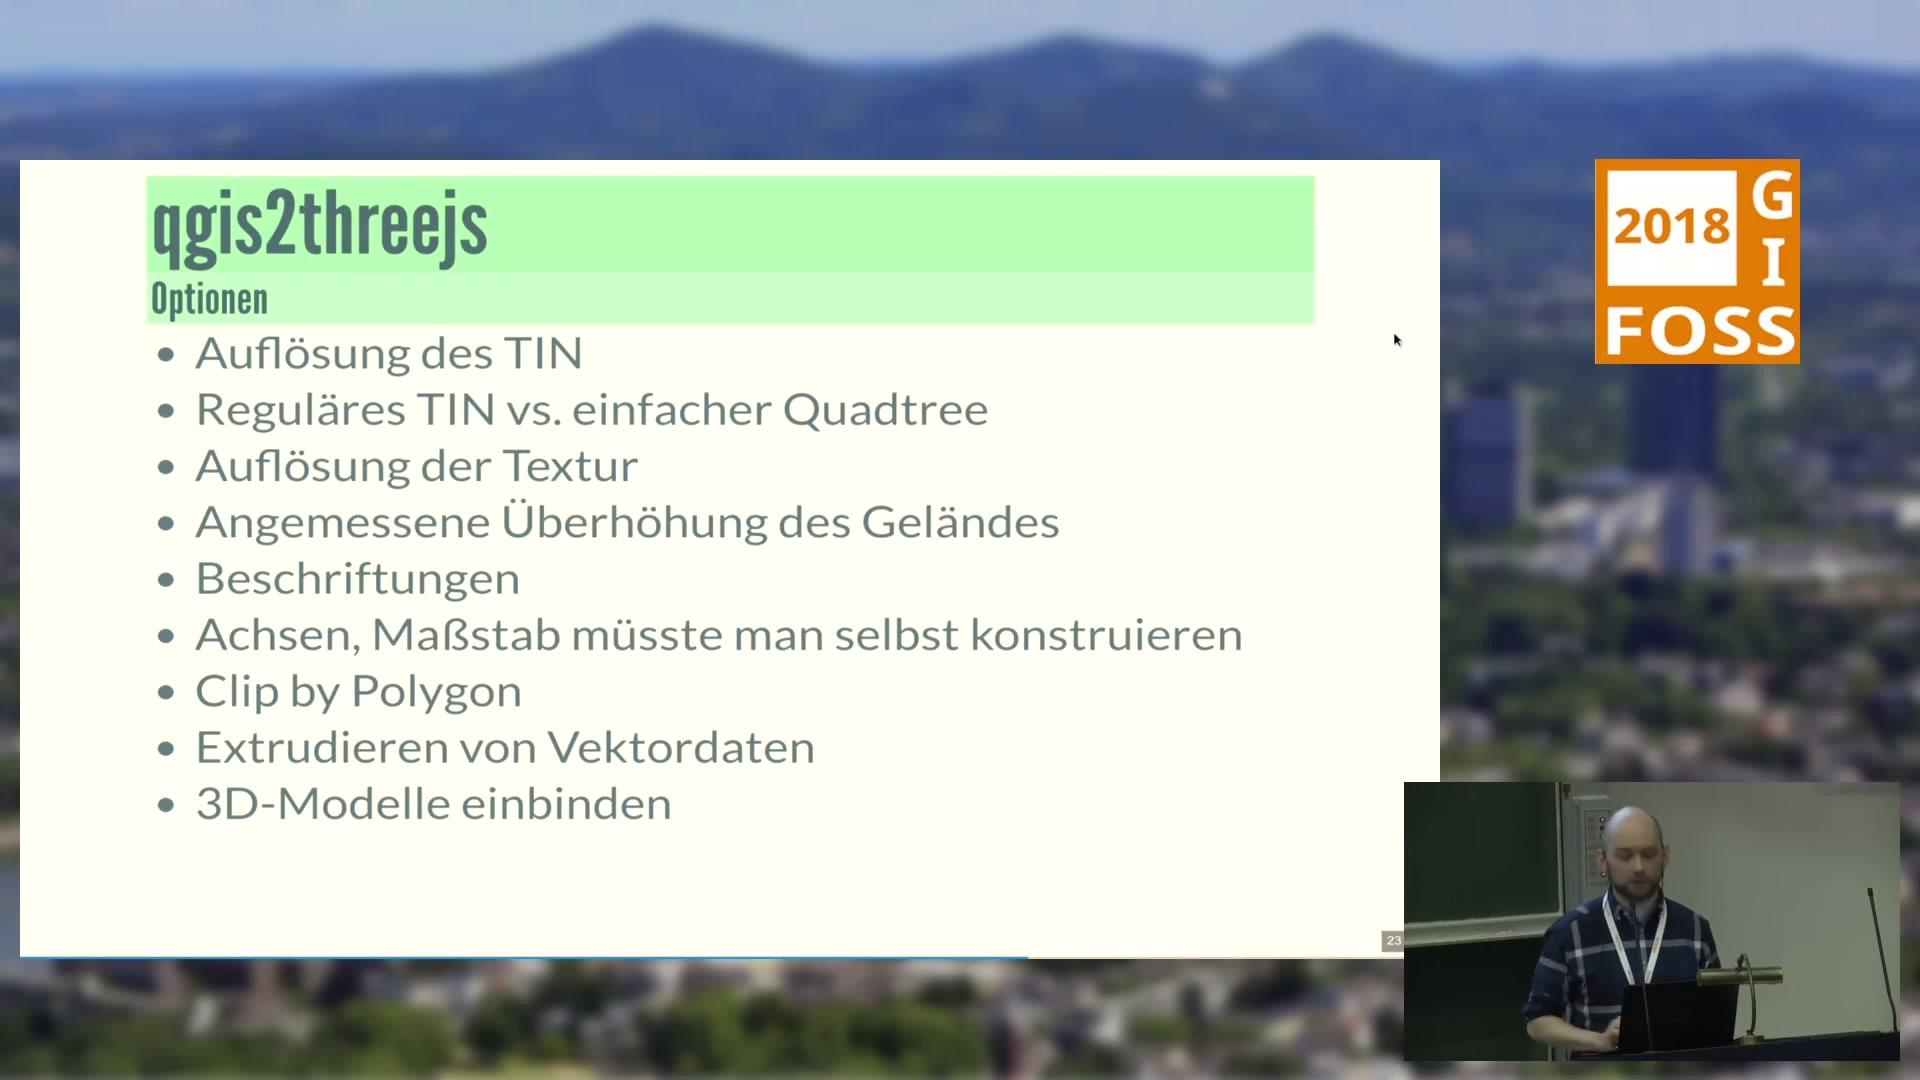 media ccc de - Karten aus QGIS ins Buch, Web oder auf die